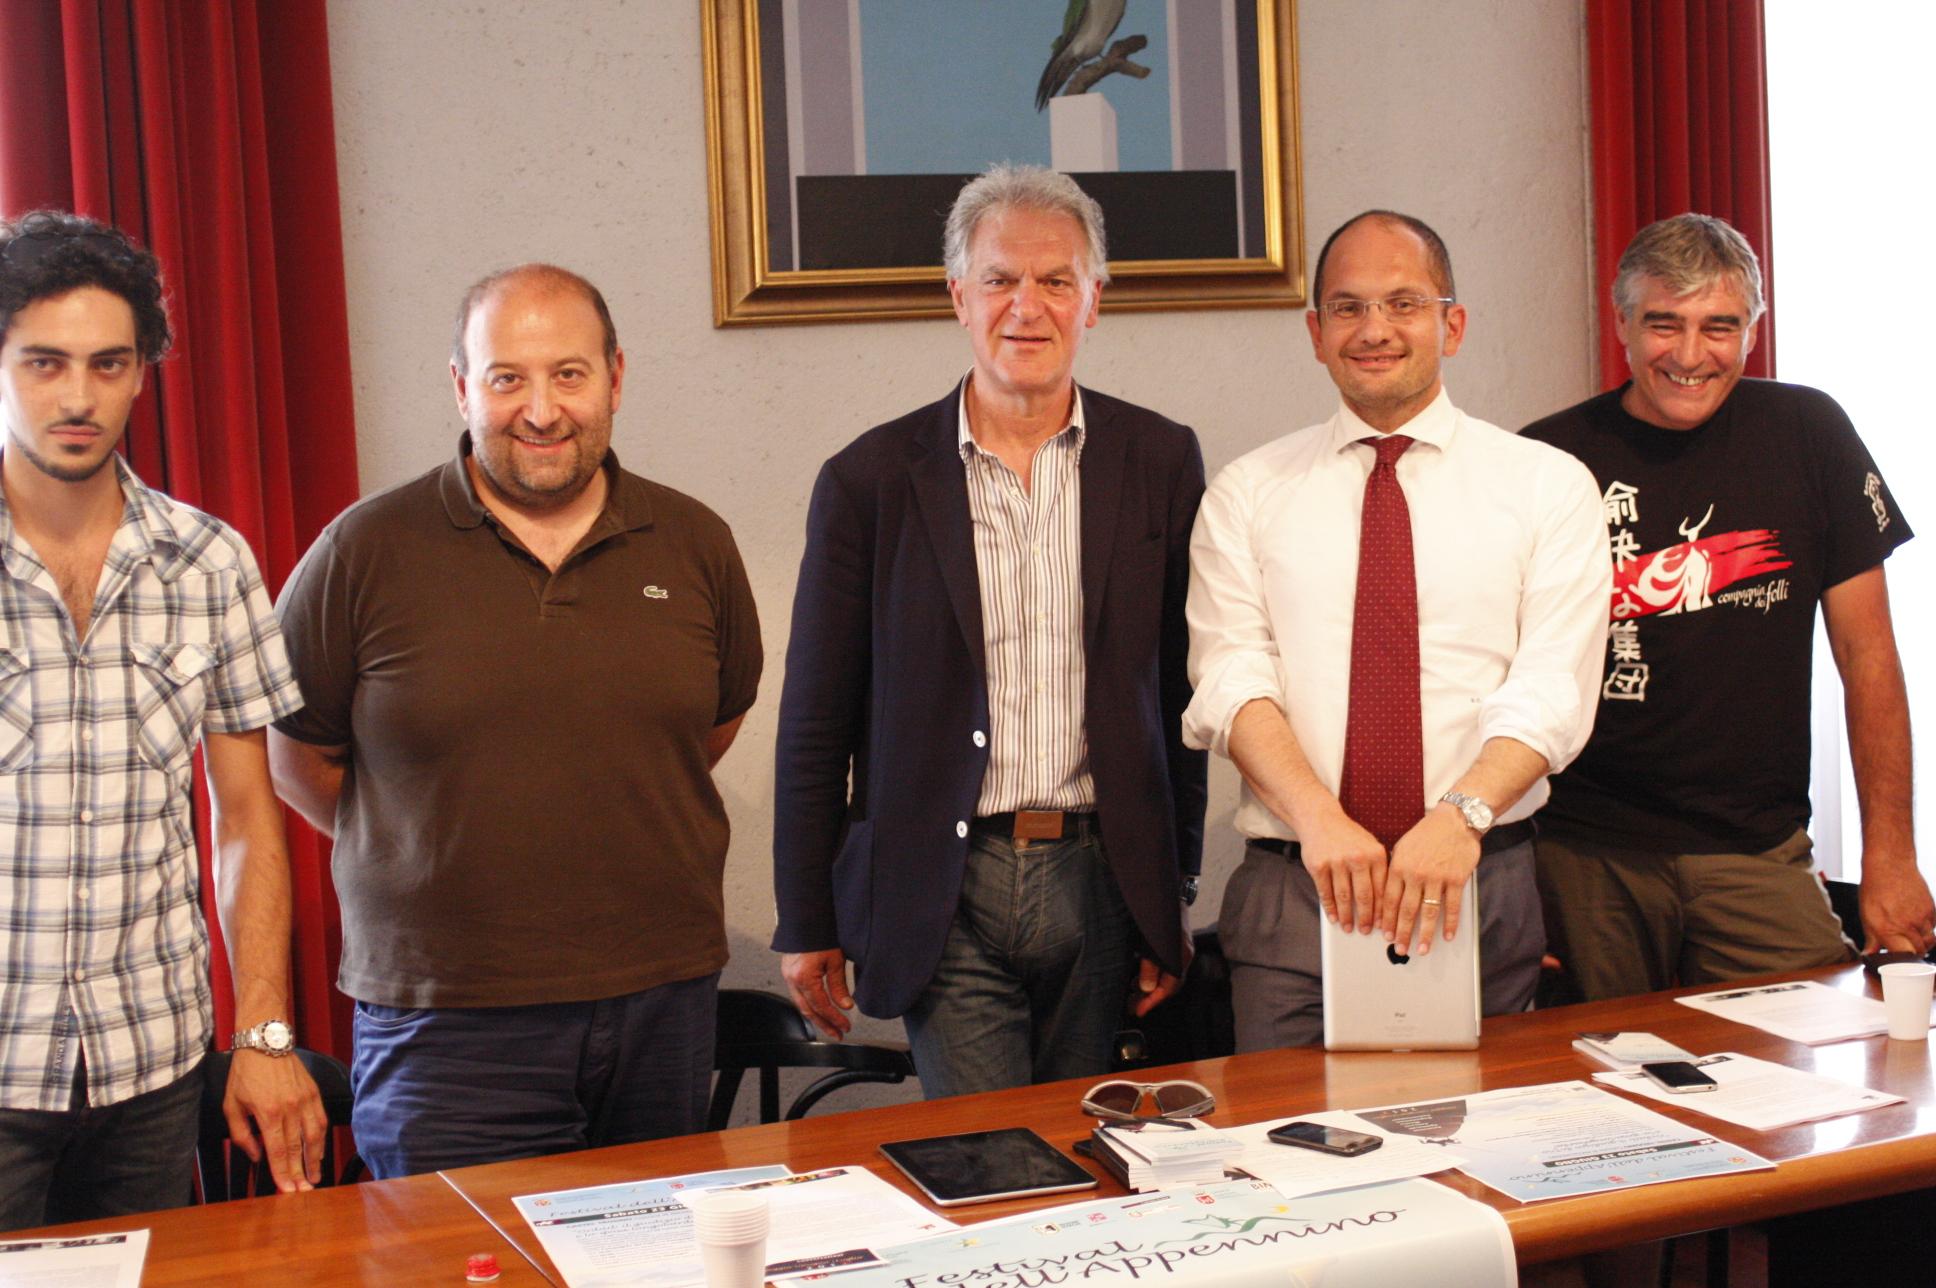 Festival Appennino - Pres. tappa Castel Trosino